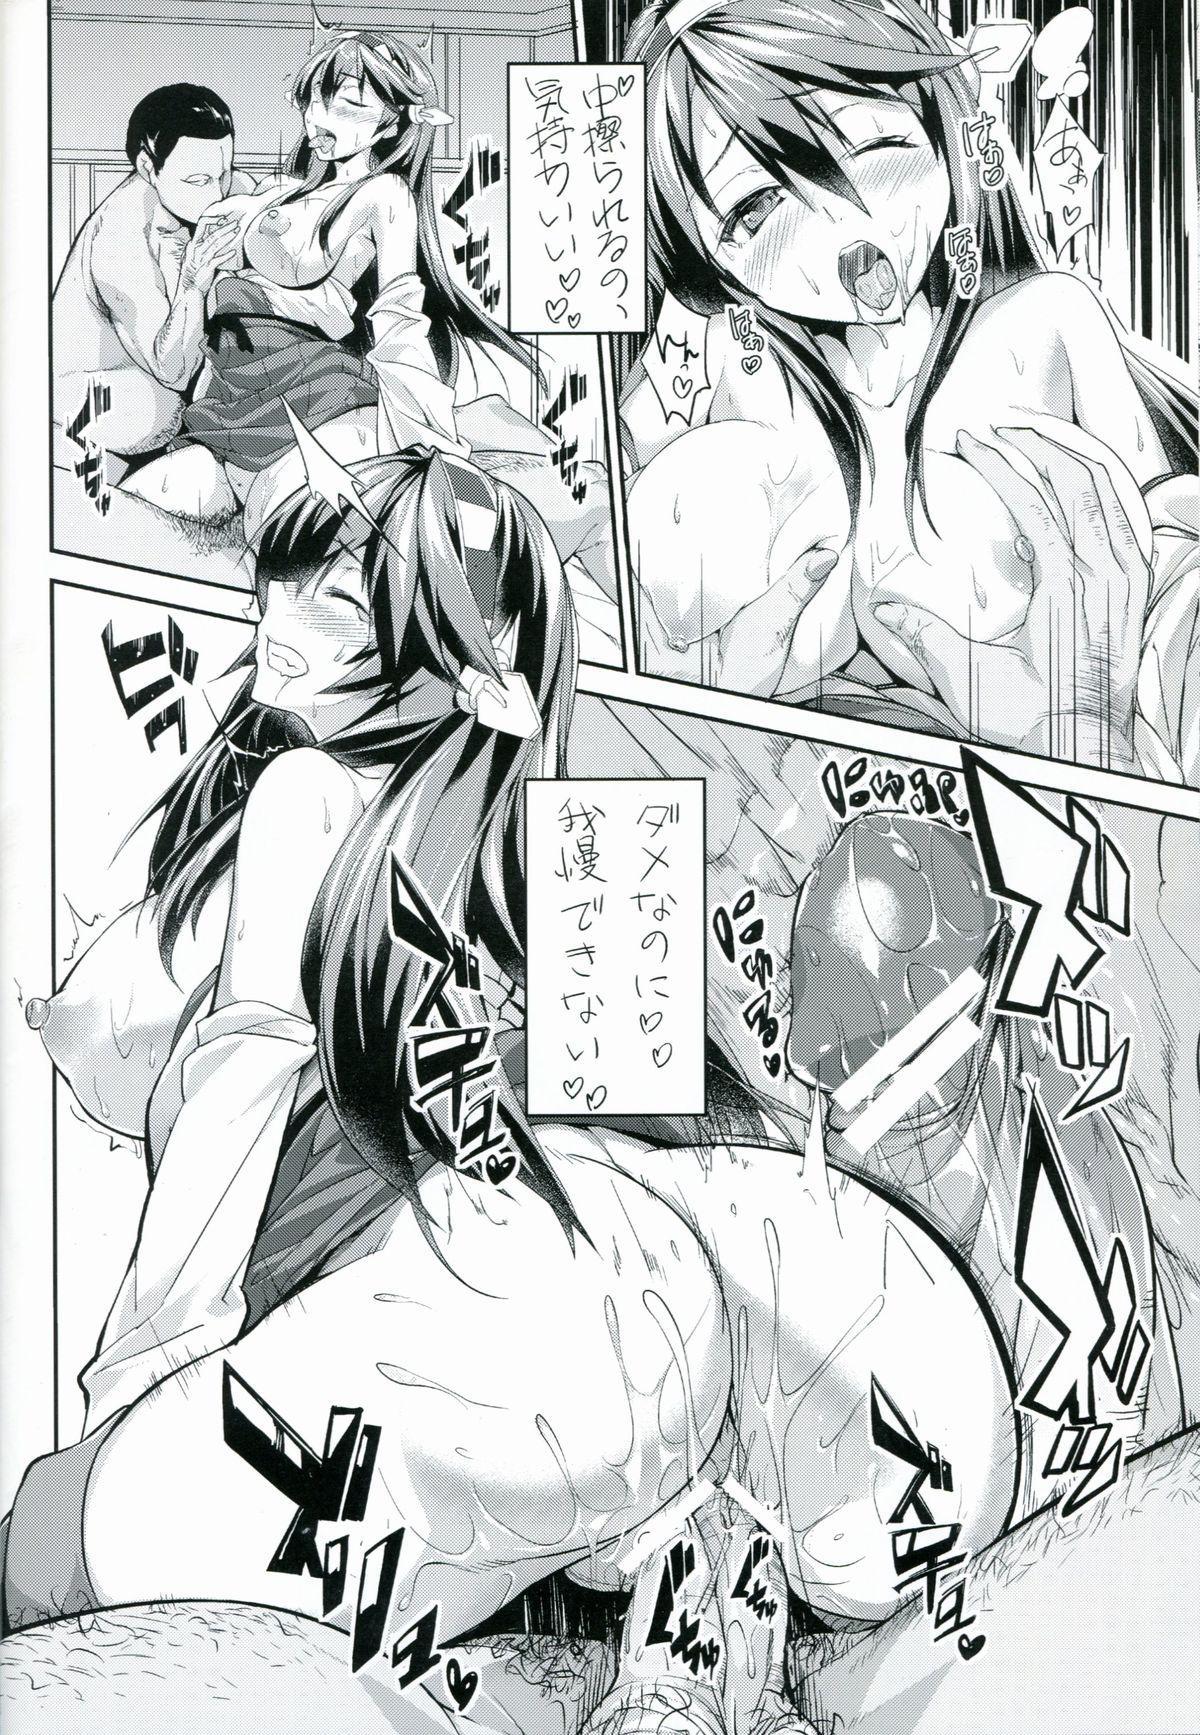 Haruna ga Teitoku no Tame ni Dekiru Koto 18